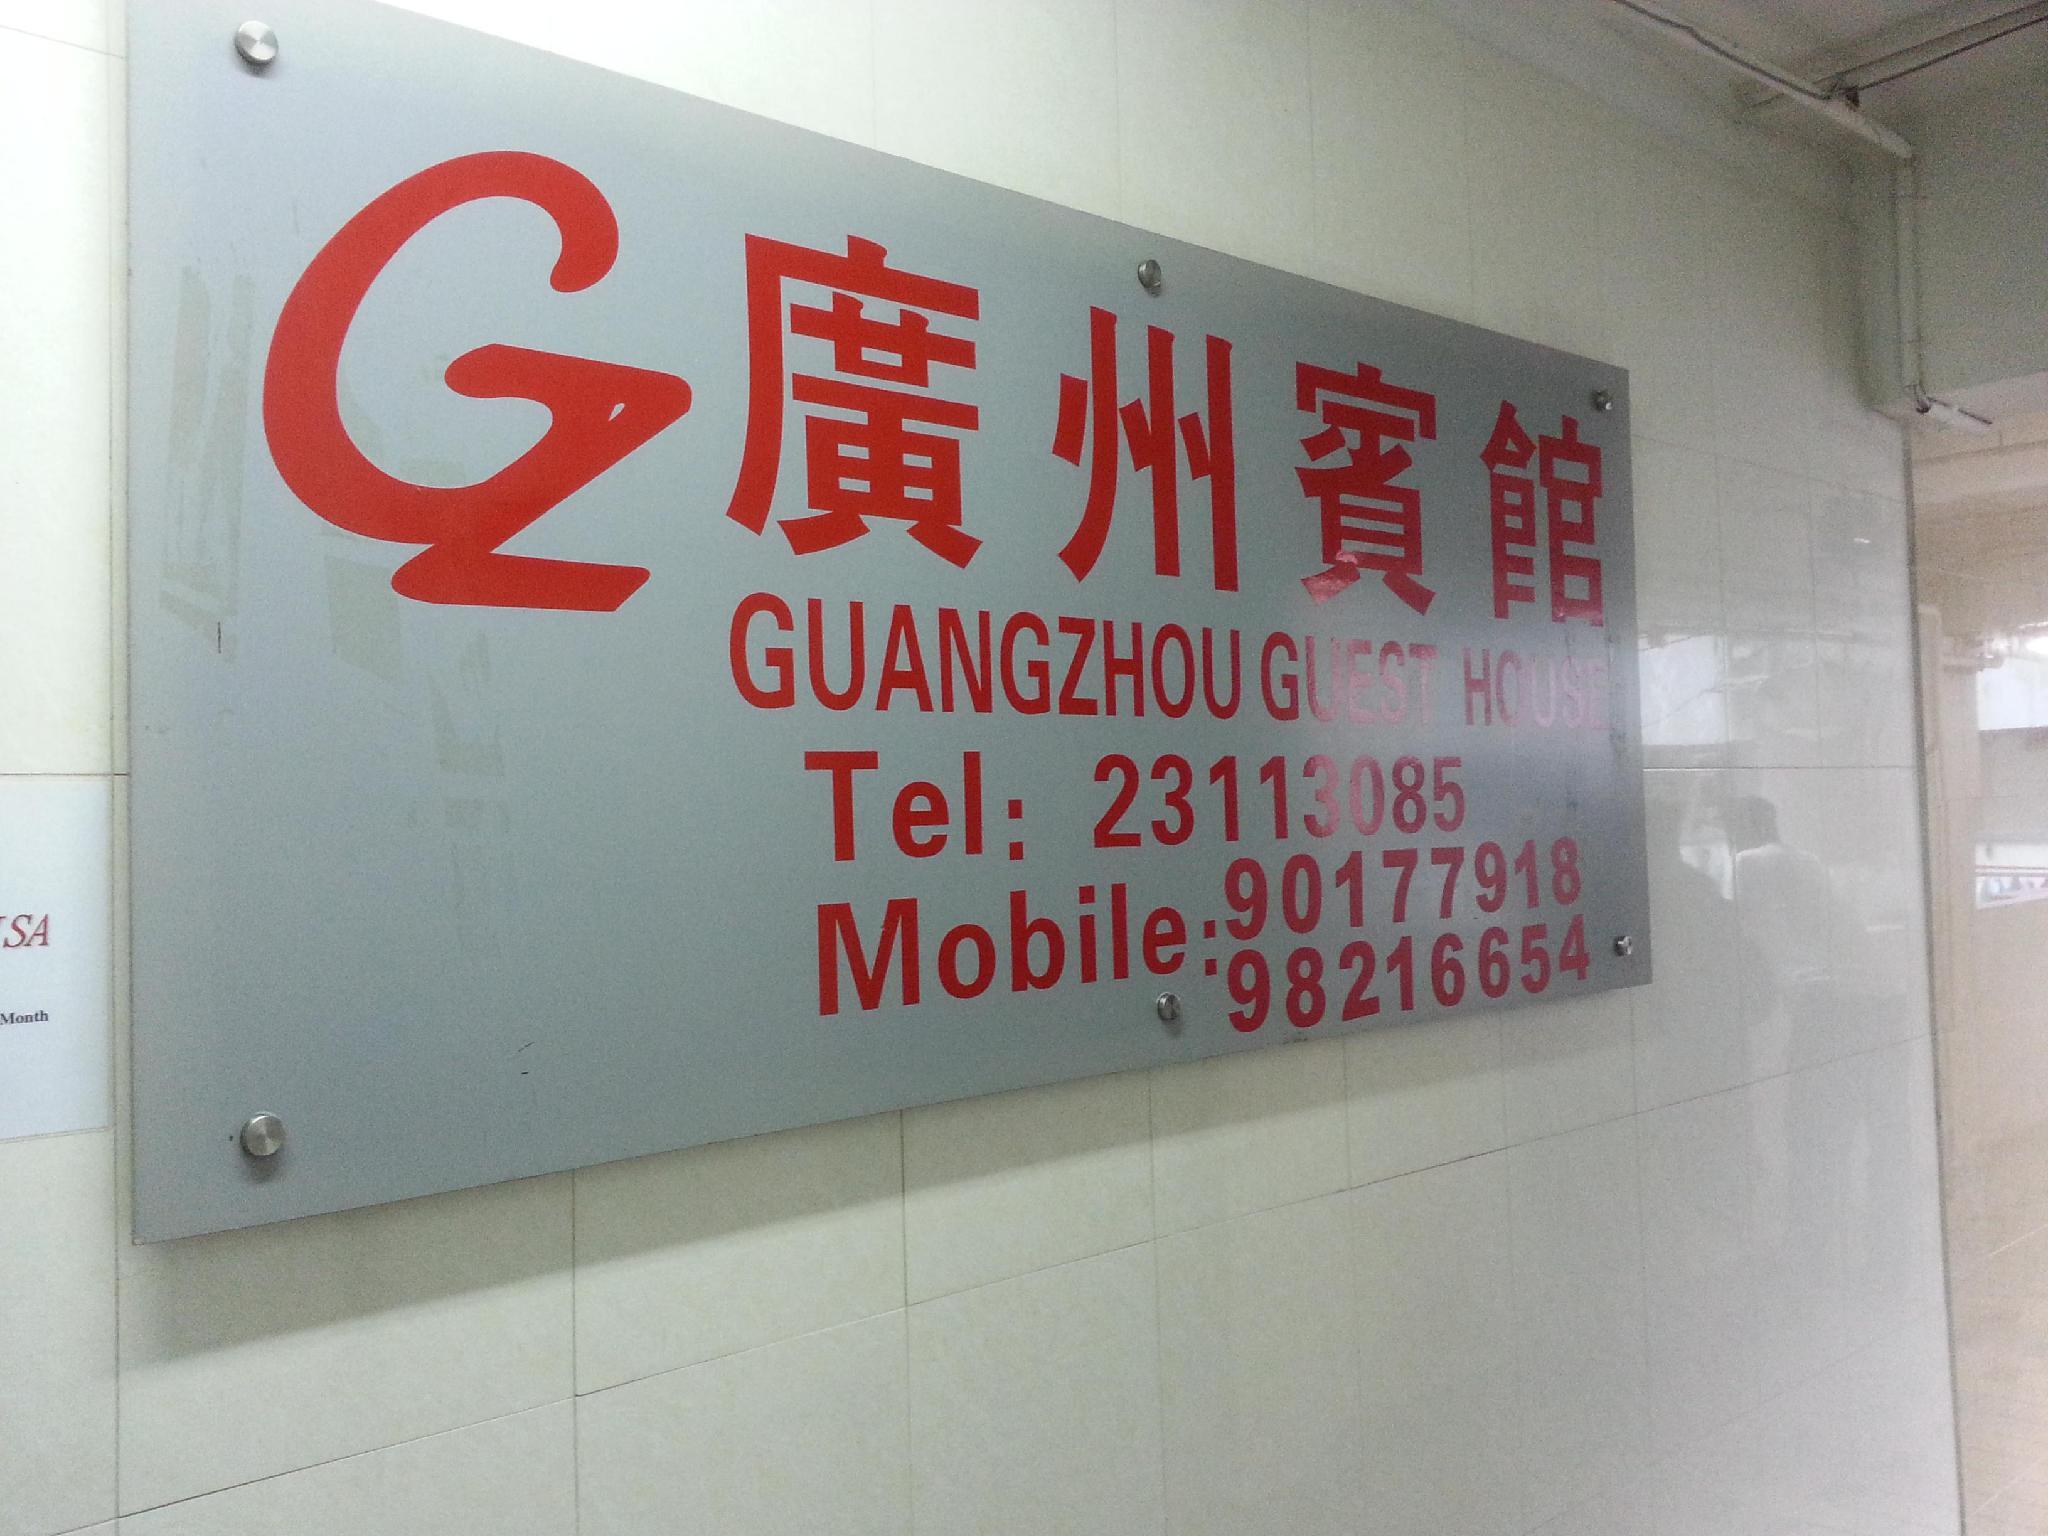 Guangzhou Guest House Hong Kong